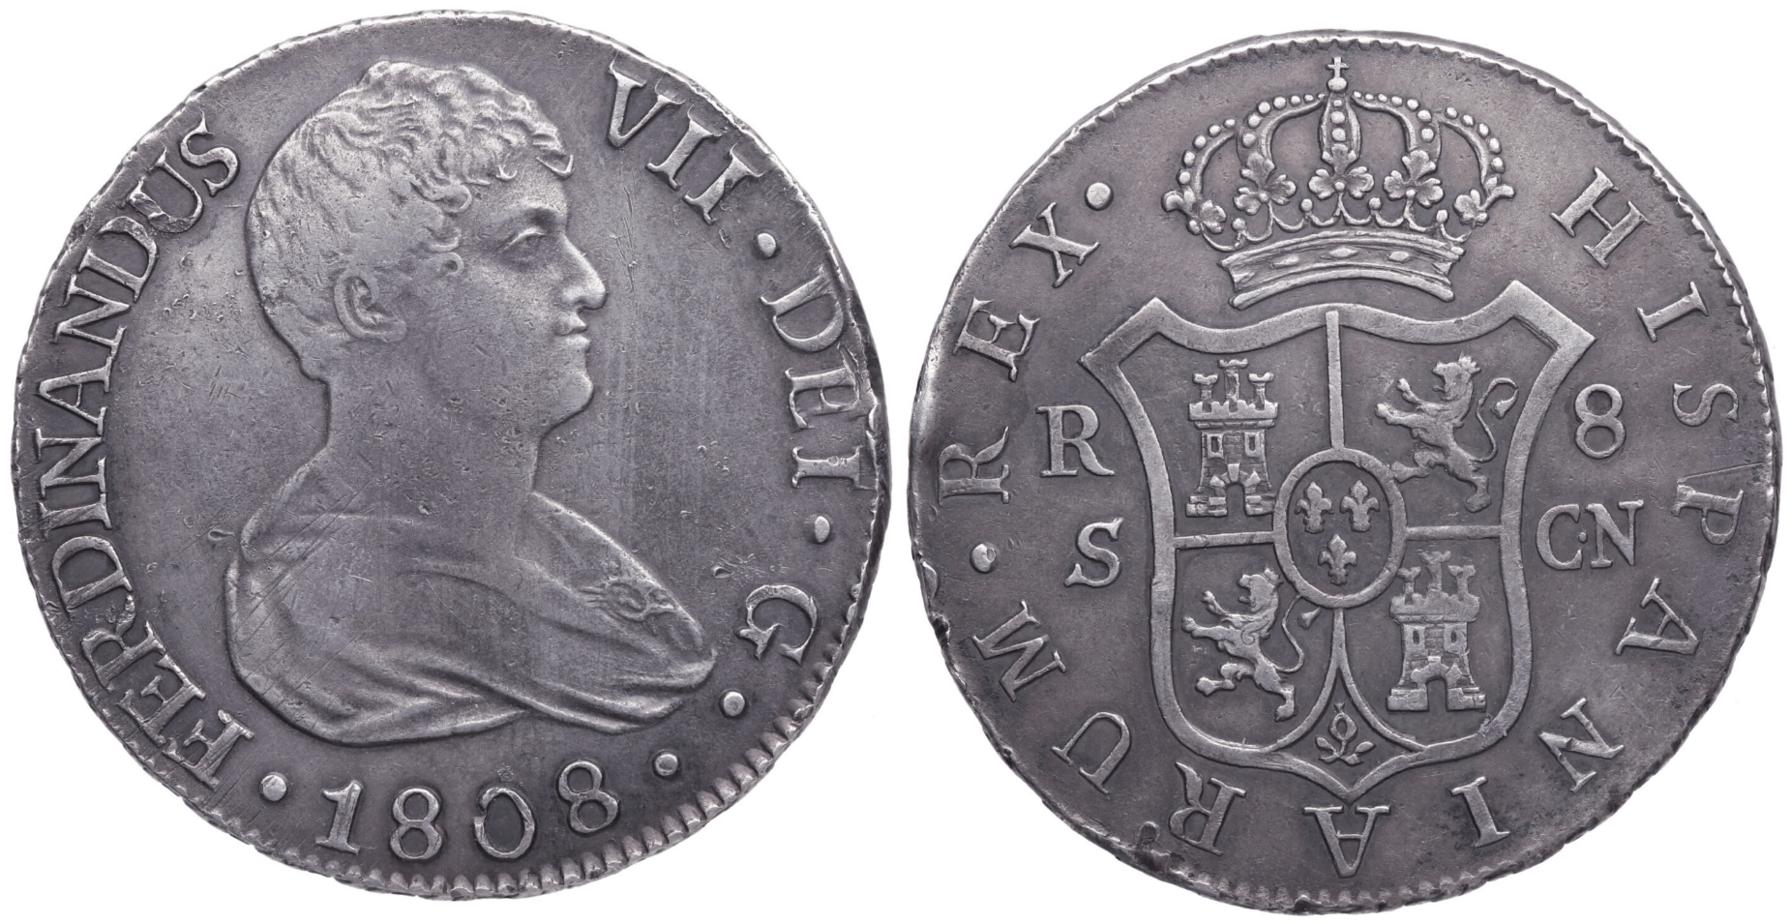 8 reales 1808, Sevilla